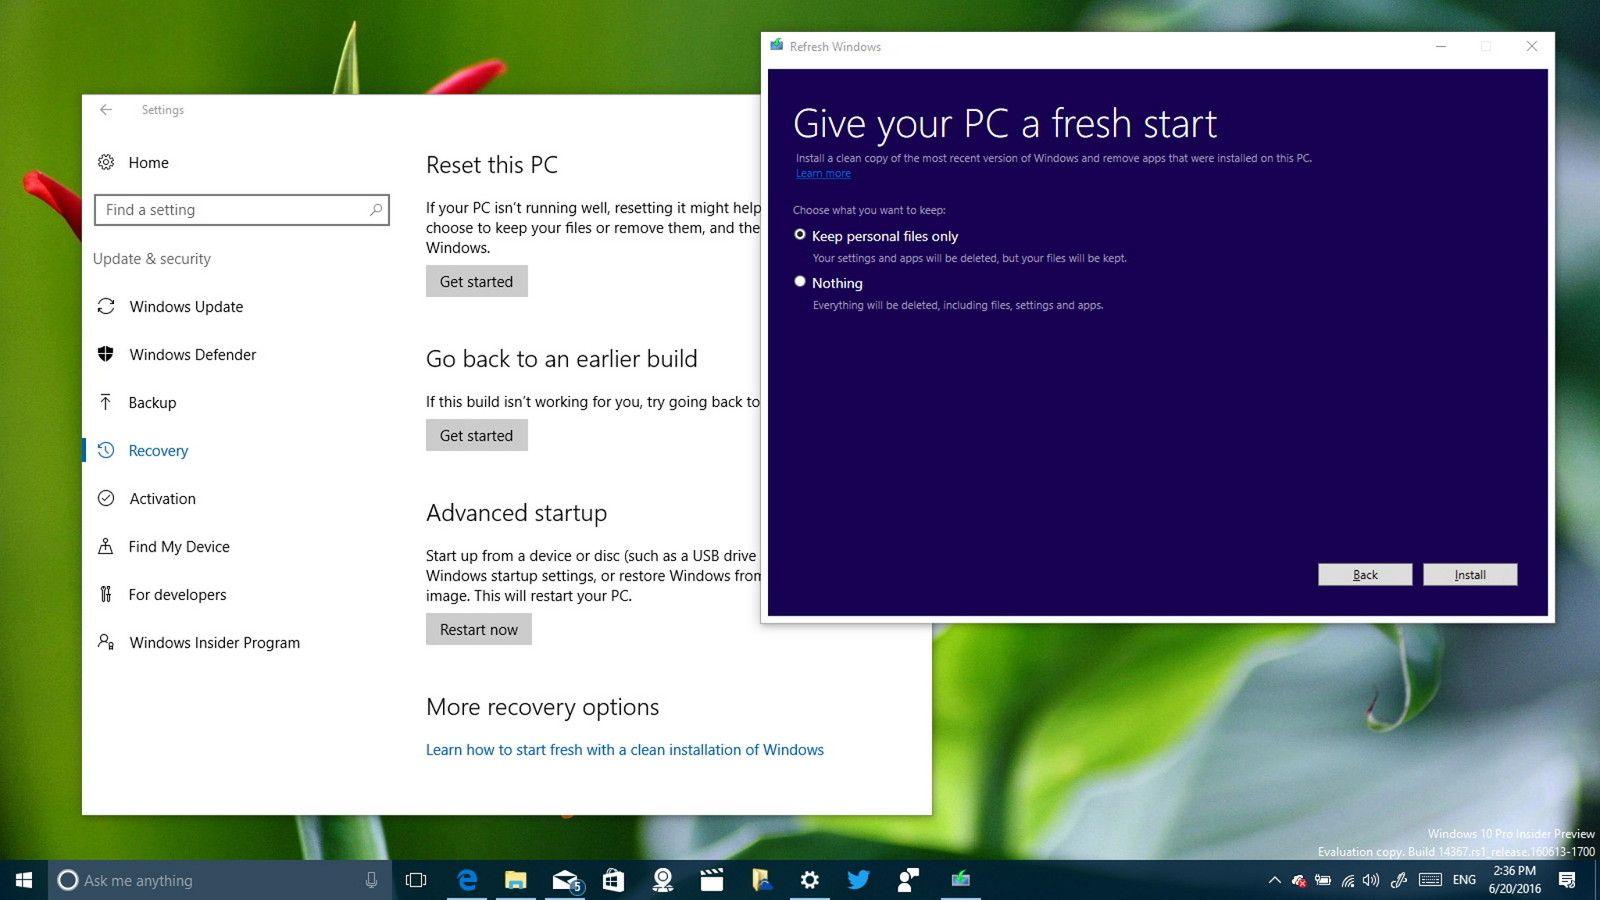 7e4efdd151af61987c52c990a9565208 - How To Get Rid Of Linux And Install Windows